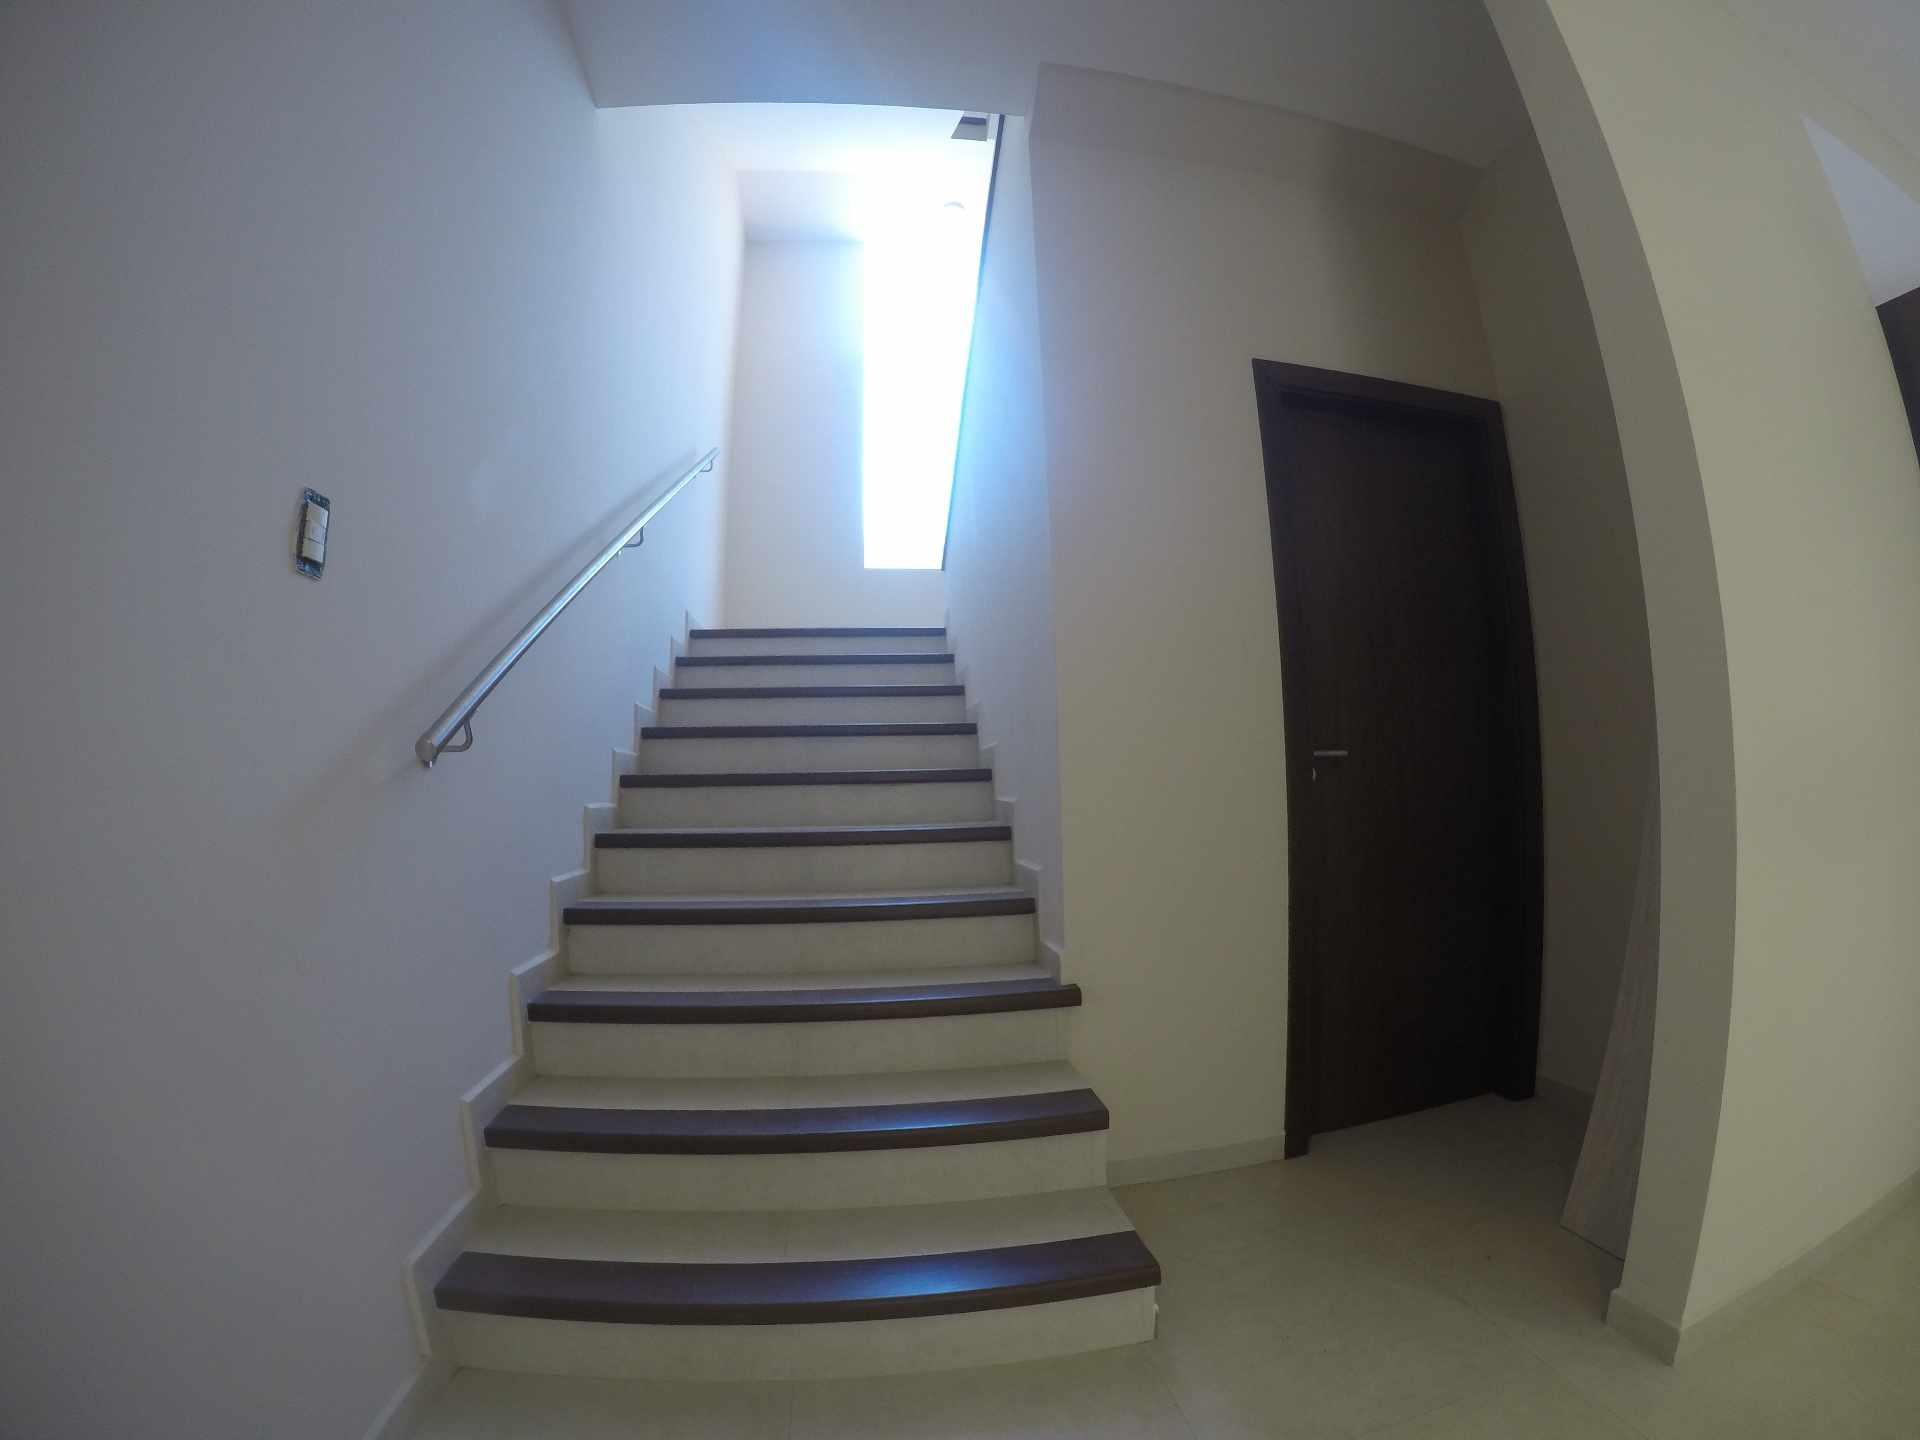 Casa en Alquiler Casa independiente en alquiler a estrenar, próximo a Parque Los Mangales II [Av. Beni y 4to. Anillo], De 3 plantas, 3 dormitorios (2 en suite), con dependencias. [1000$us.] Foto 2